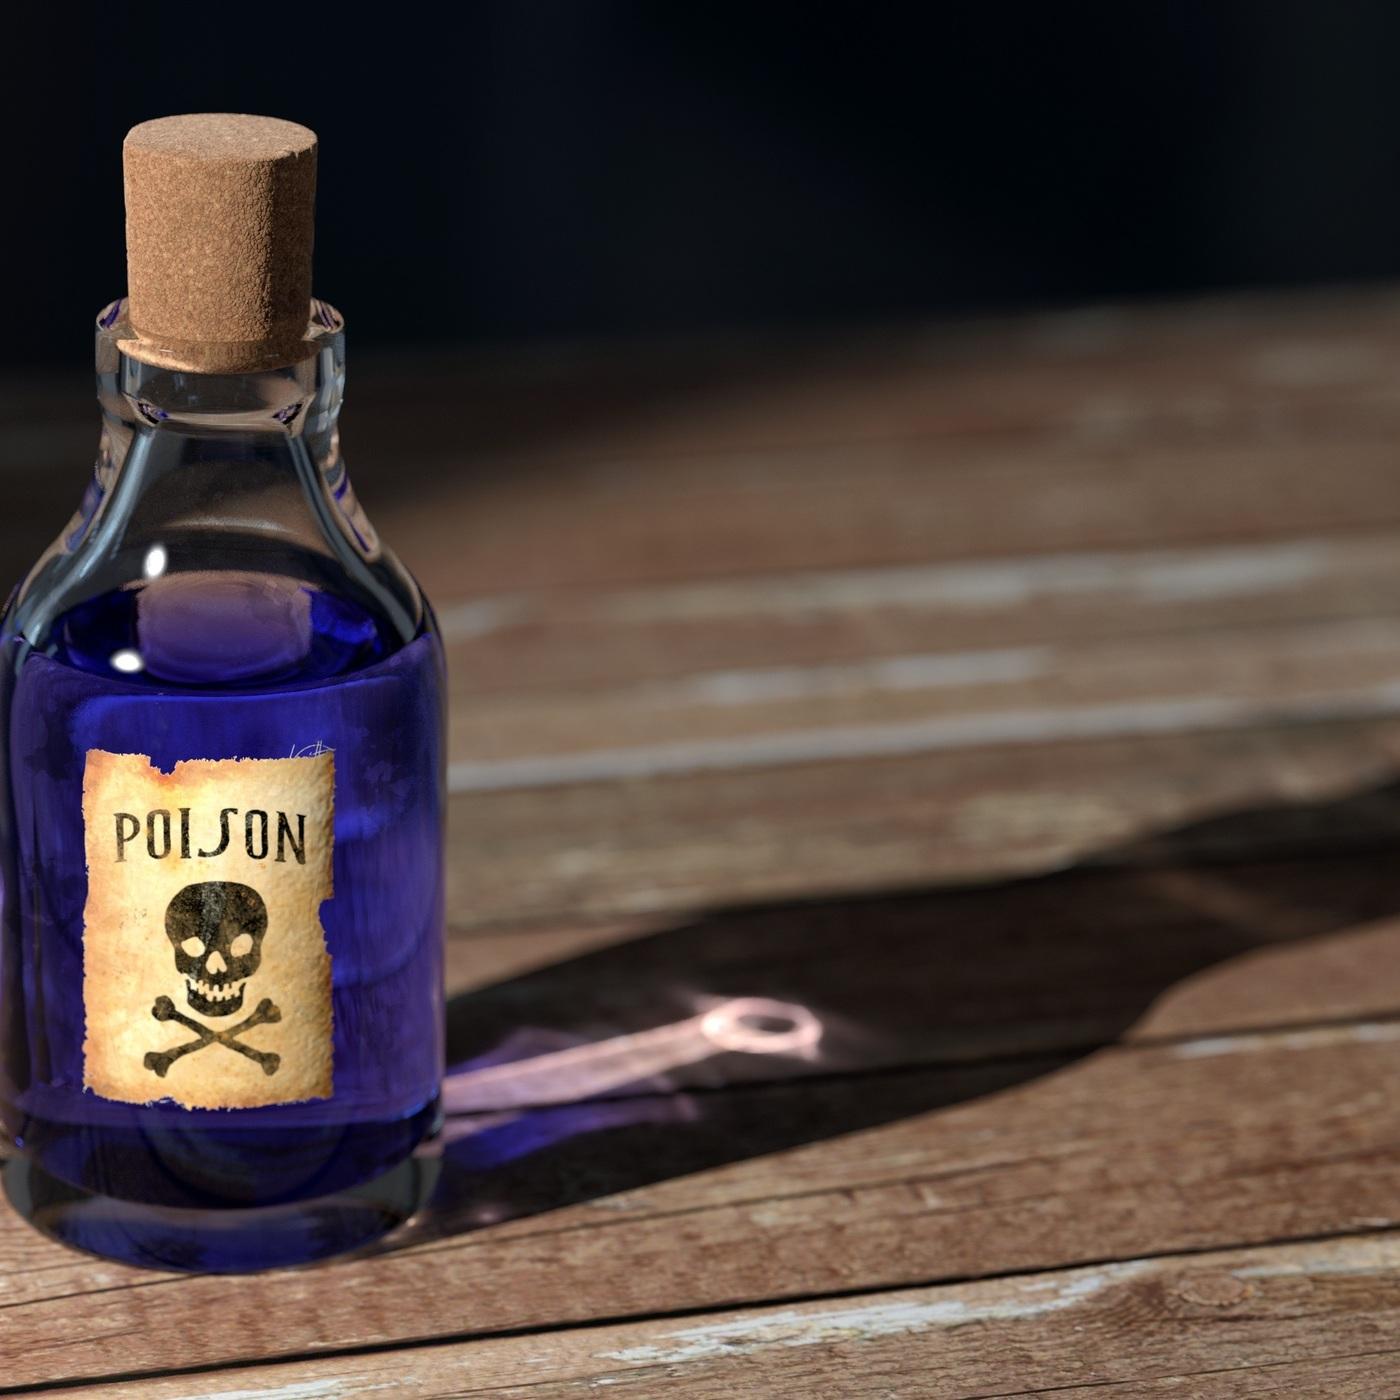 Kann man sich an Gift gewöhnen?